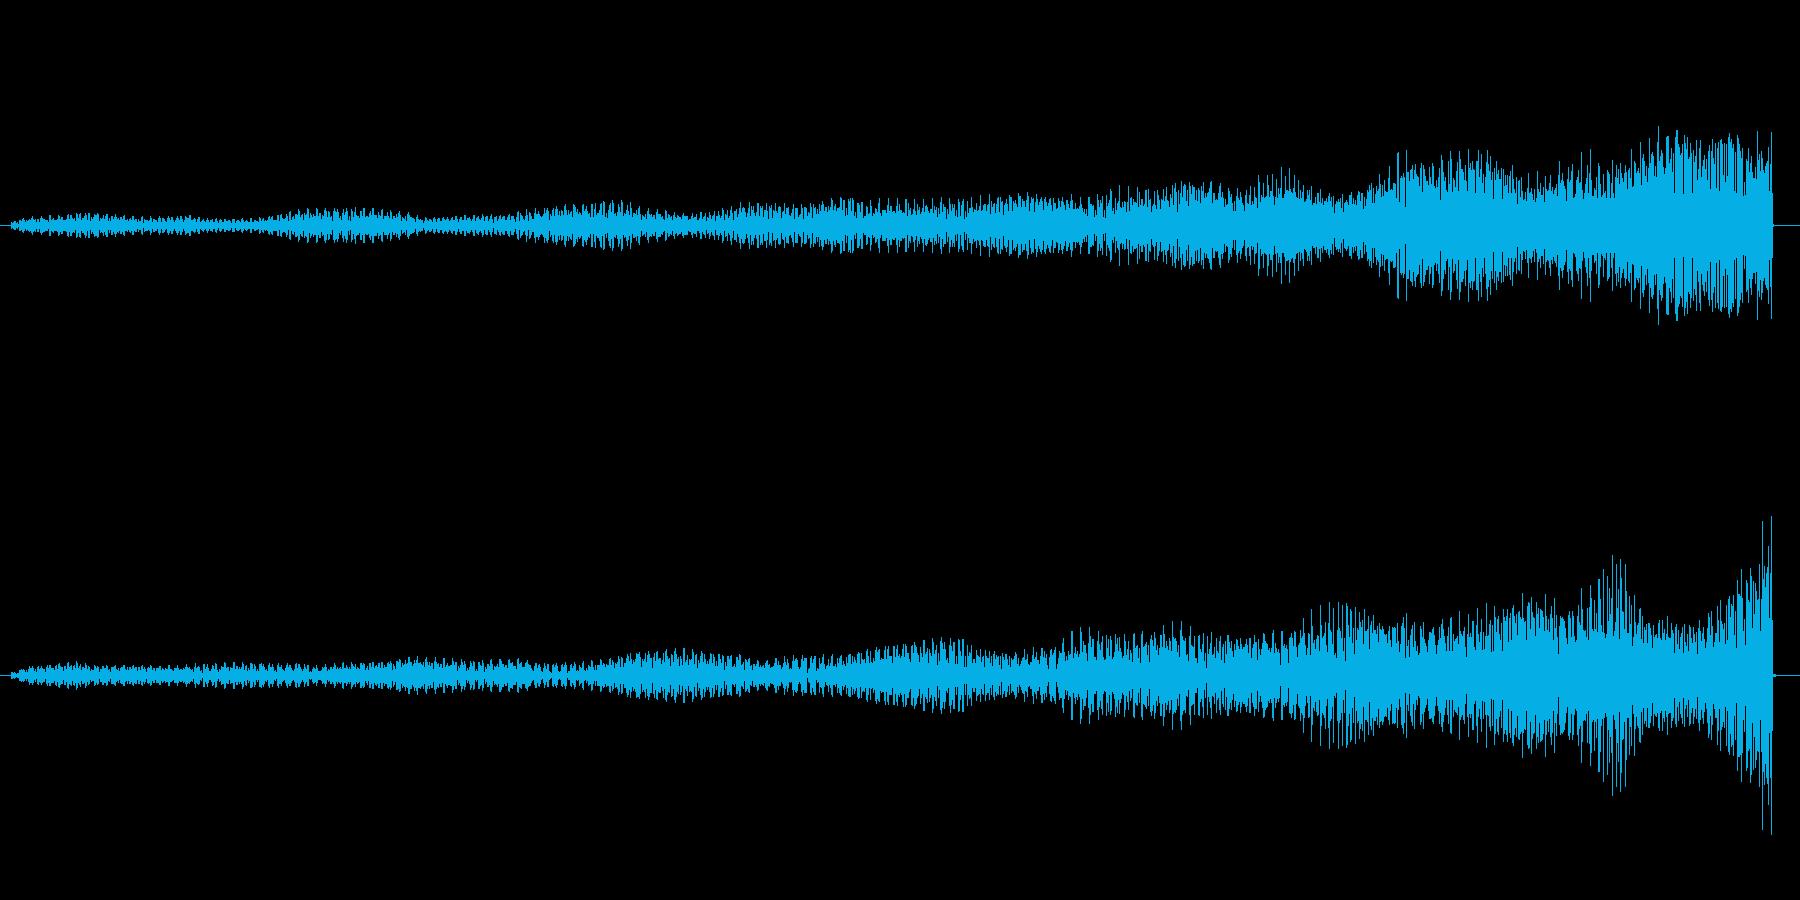 迫る音の再生済みの波形